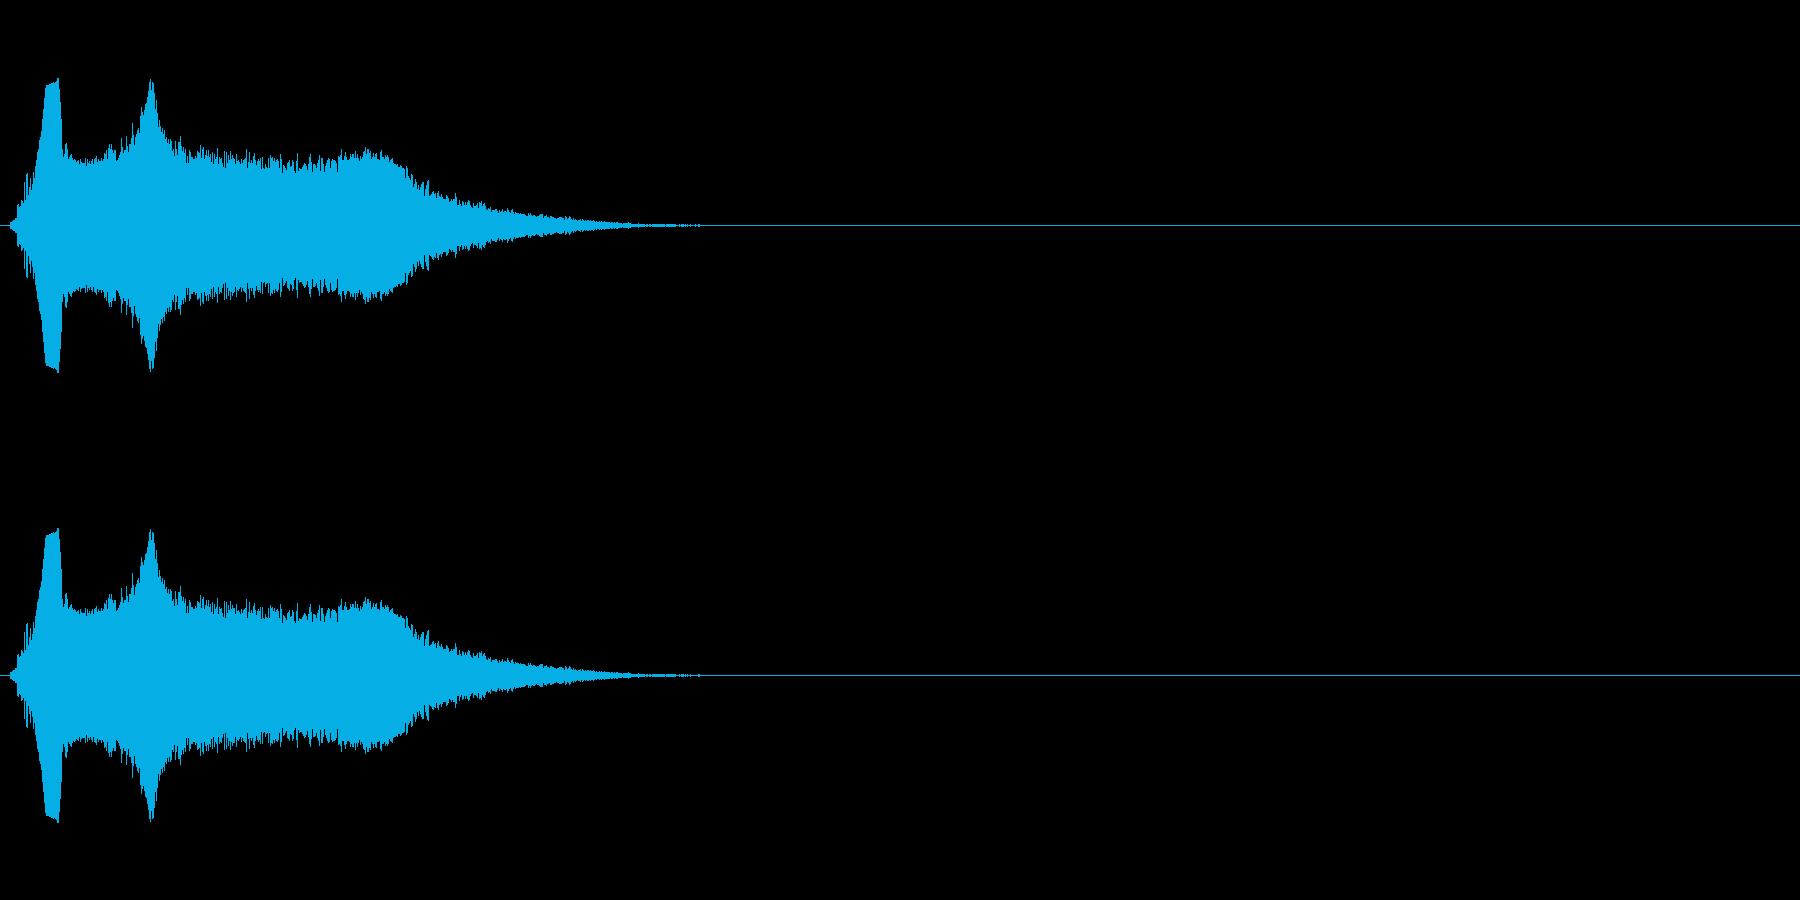 シンプルな飛ばされる音の再生済みの波形